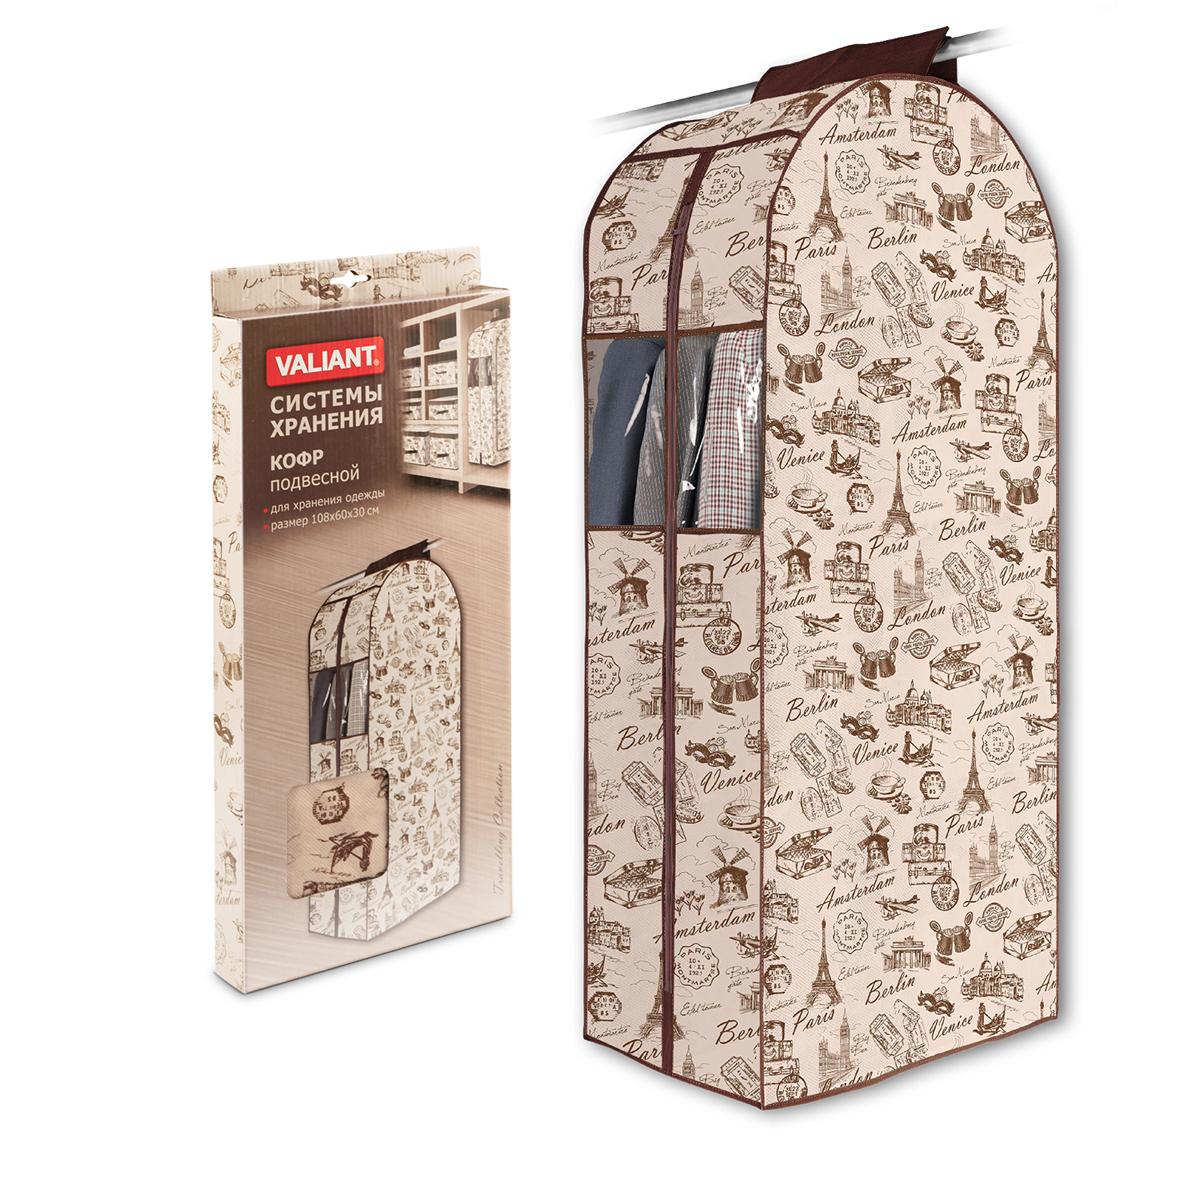 Кофр подвесной для одежды Valiant Travelling, 108 х 60 х 30 смU210DFПодвесной кофр для одежды Valiant Travelling изготовлен из высококачественного нетканого материала (спанбонда), который обеспечивает естественную вентиляцию, позволяя воздуху проникать внутрь, но не пропускает пыль. Кофр очень удобен в использовании. Благодаря размерам и форме отлично подходит для транспортировки и долговременного хранения одежды (летом - теплых курток и пальто, зимой - летнего гардероба). Легко открывается и закрывается с помощью застежки-молнии. Кофр снабжен прозрачным окошком из ПВХ, что позволяет легко просматривать содержимое. Изделие снабжено широкой петлей на липучках, с помощью которой крепится к перекладине в гардеробе. Оригинальный дизайн погружает в атмосферу путешествий по разным городам и странам. Системы хранения в едином дизайне сделают вашу гардеробную красивой и невероятно стильной.